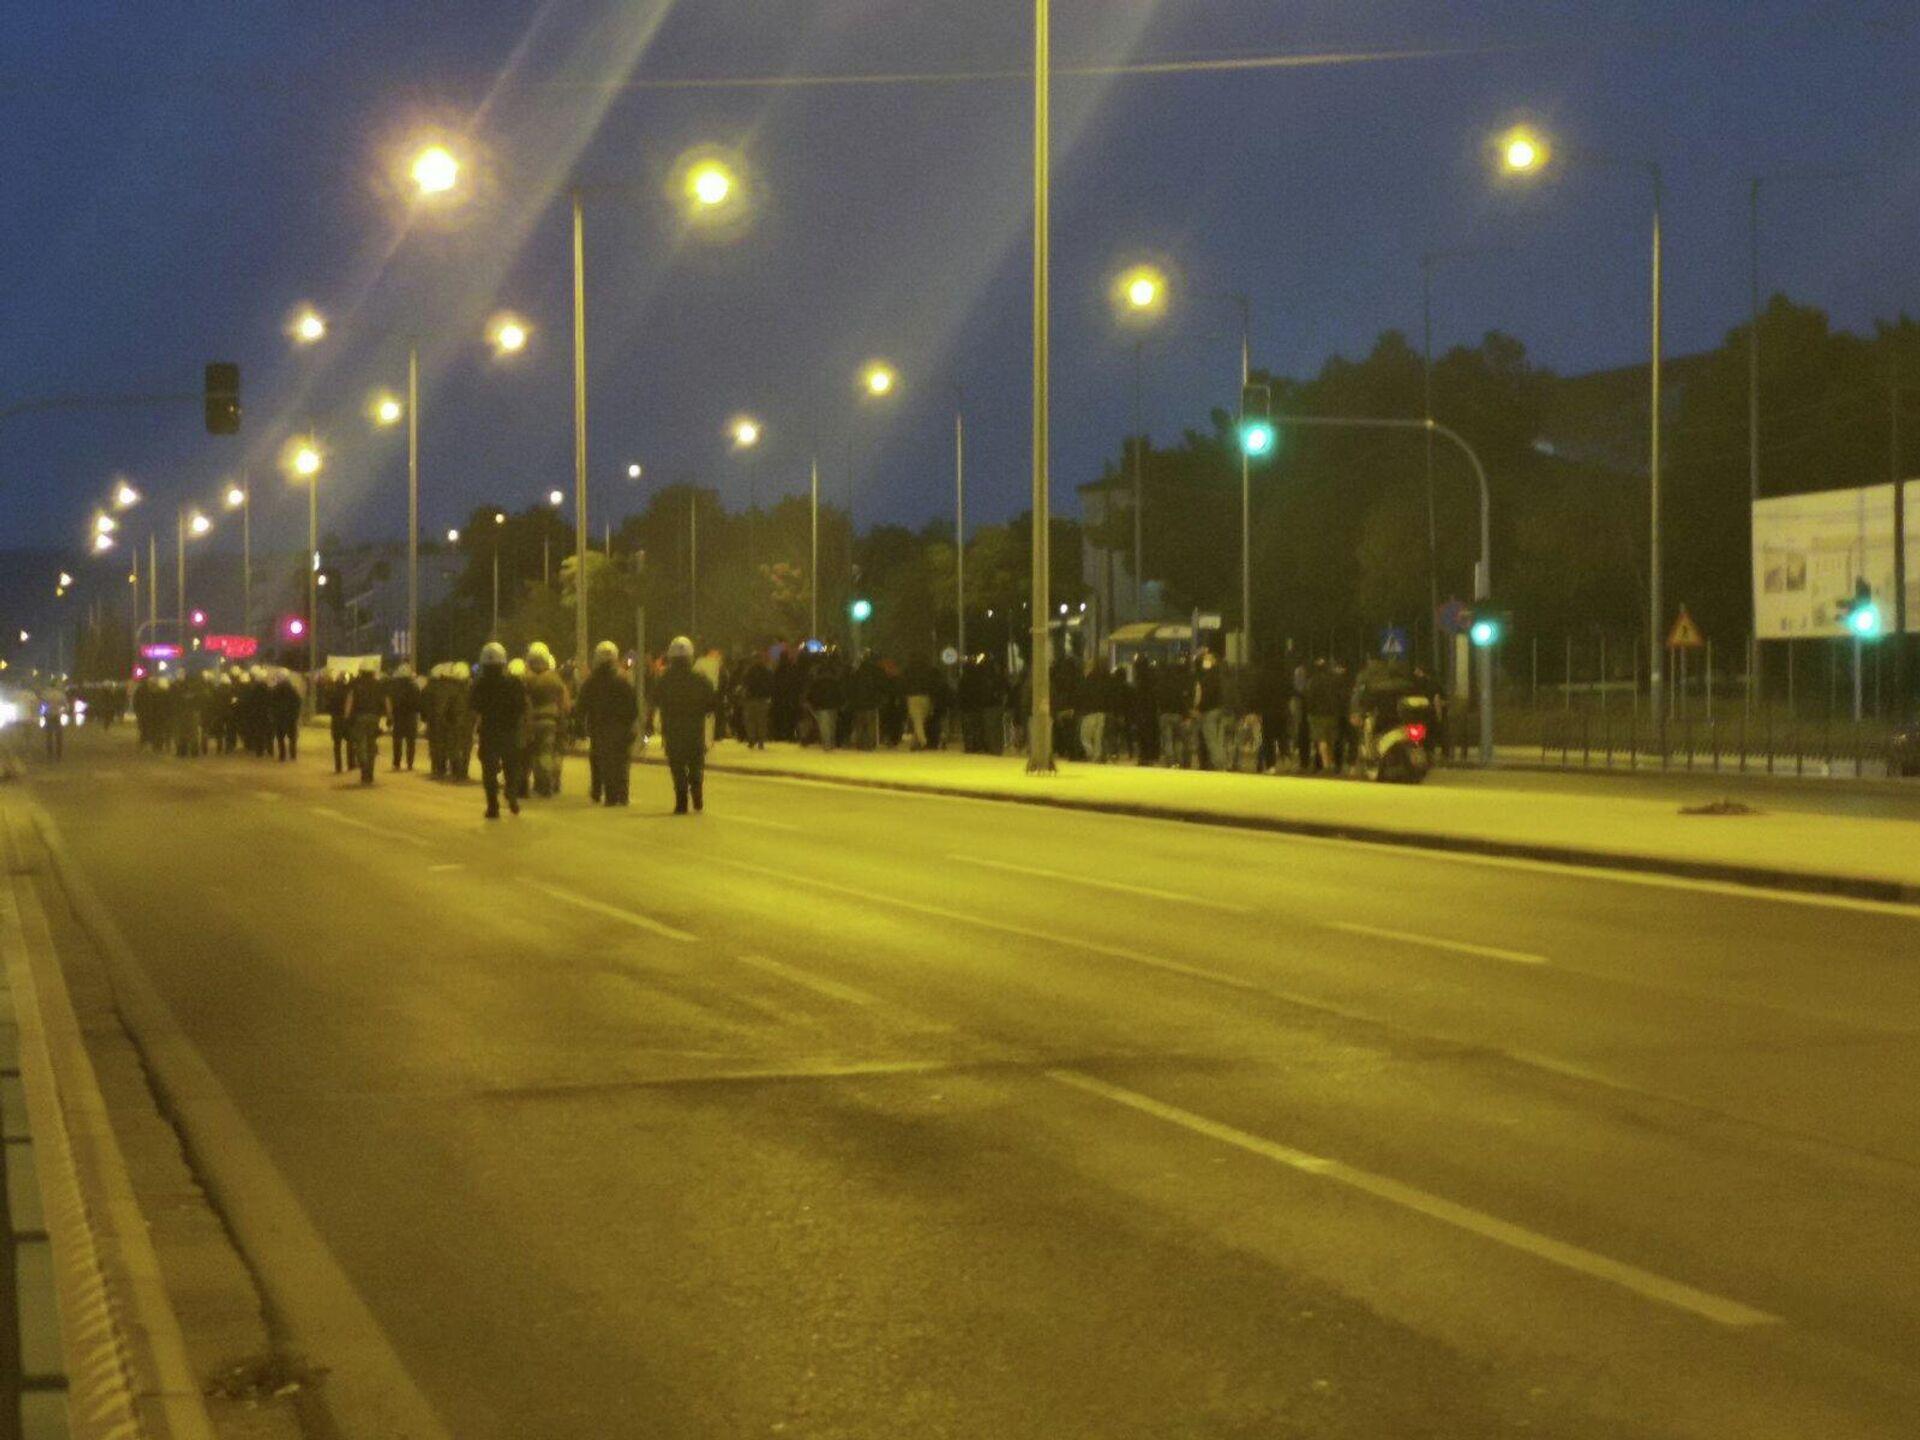 Αντιφασιστική πορεία στη Σταυρούπολη - Sputnik Ελλάδα, 1920, 02.10.2021